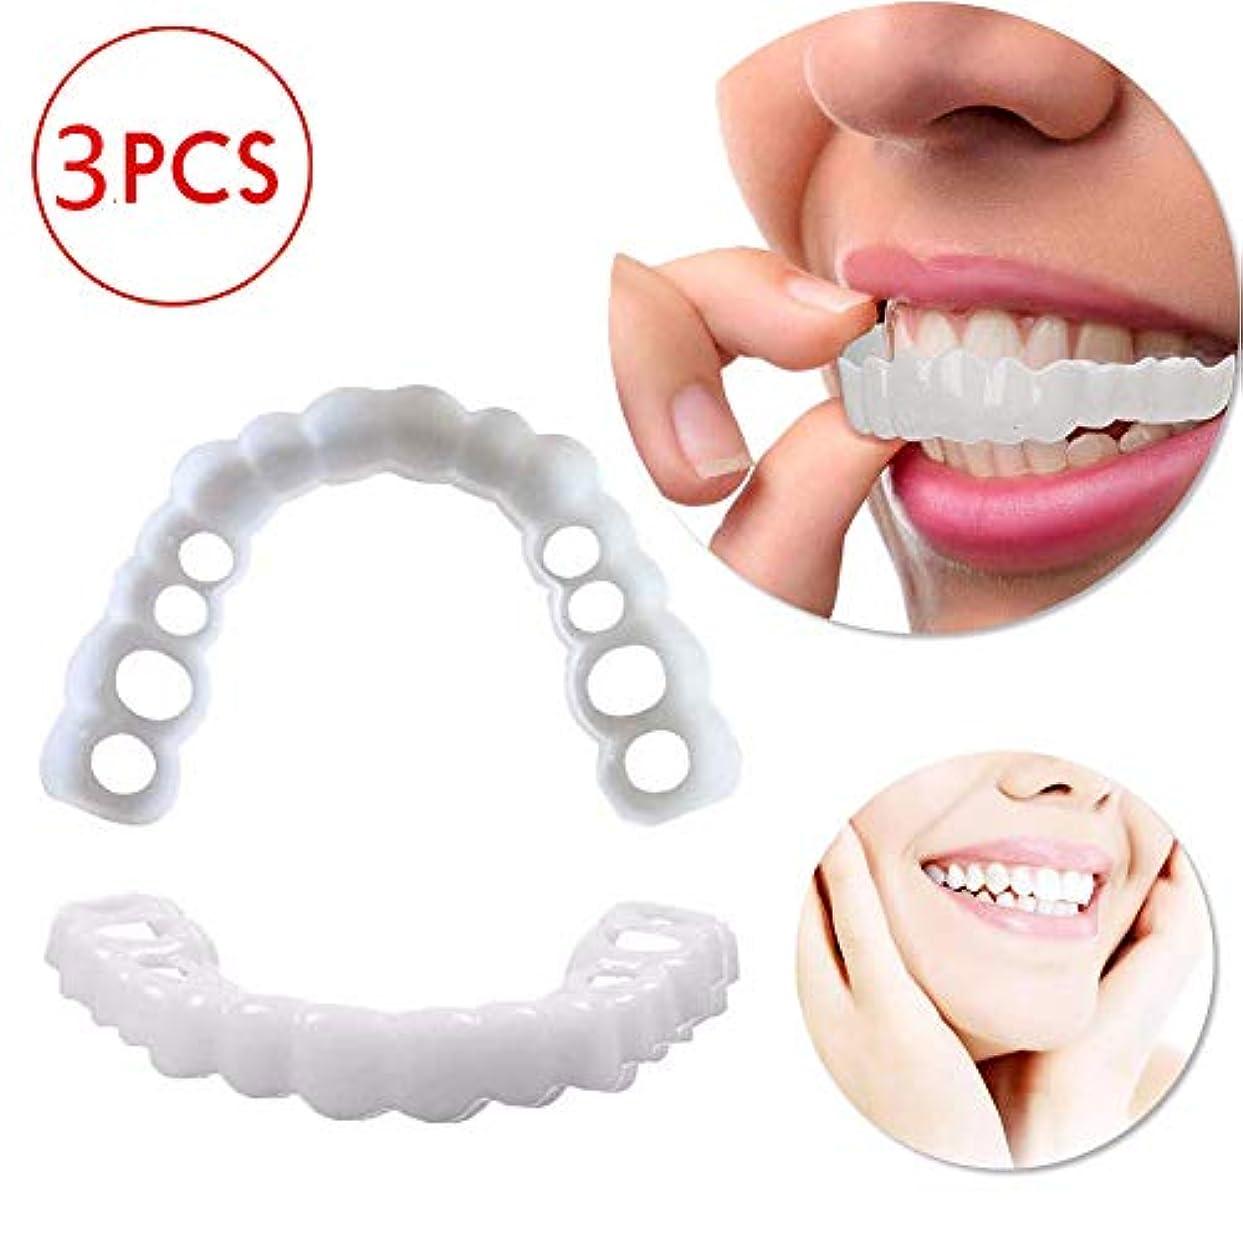 仕立て屋ライター管理者3ピース一時的な歯ベニヤブレース歯化粧品ホワイトニング義歯偽歯カバー収納ボックス付き,3pcslowerteeth